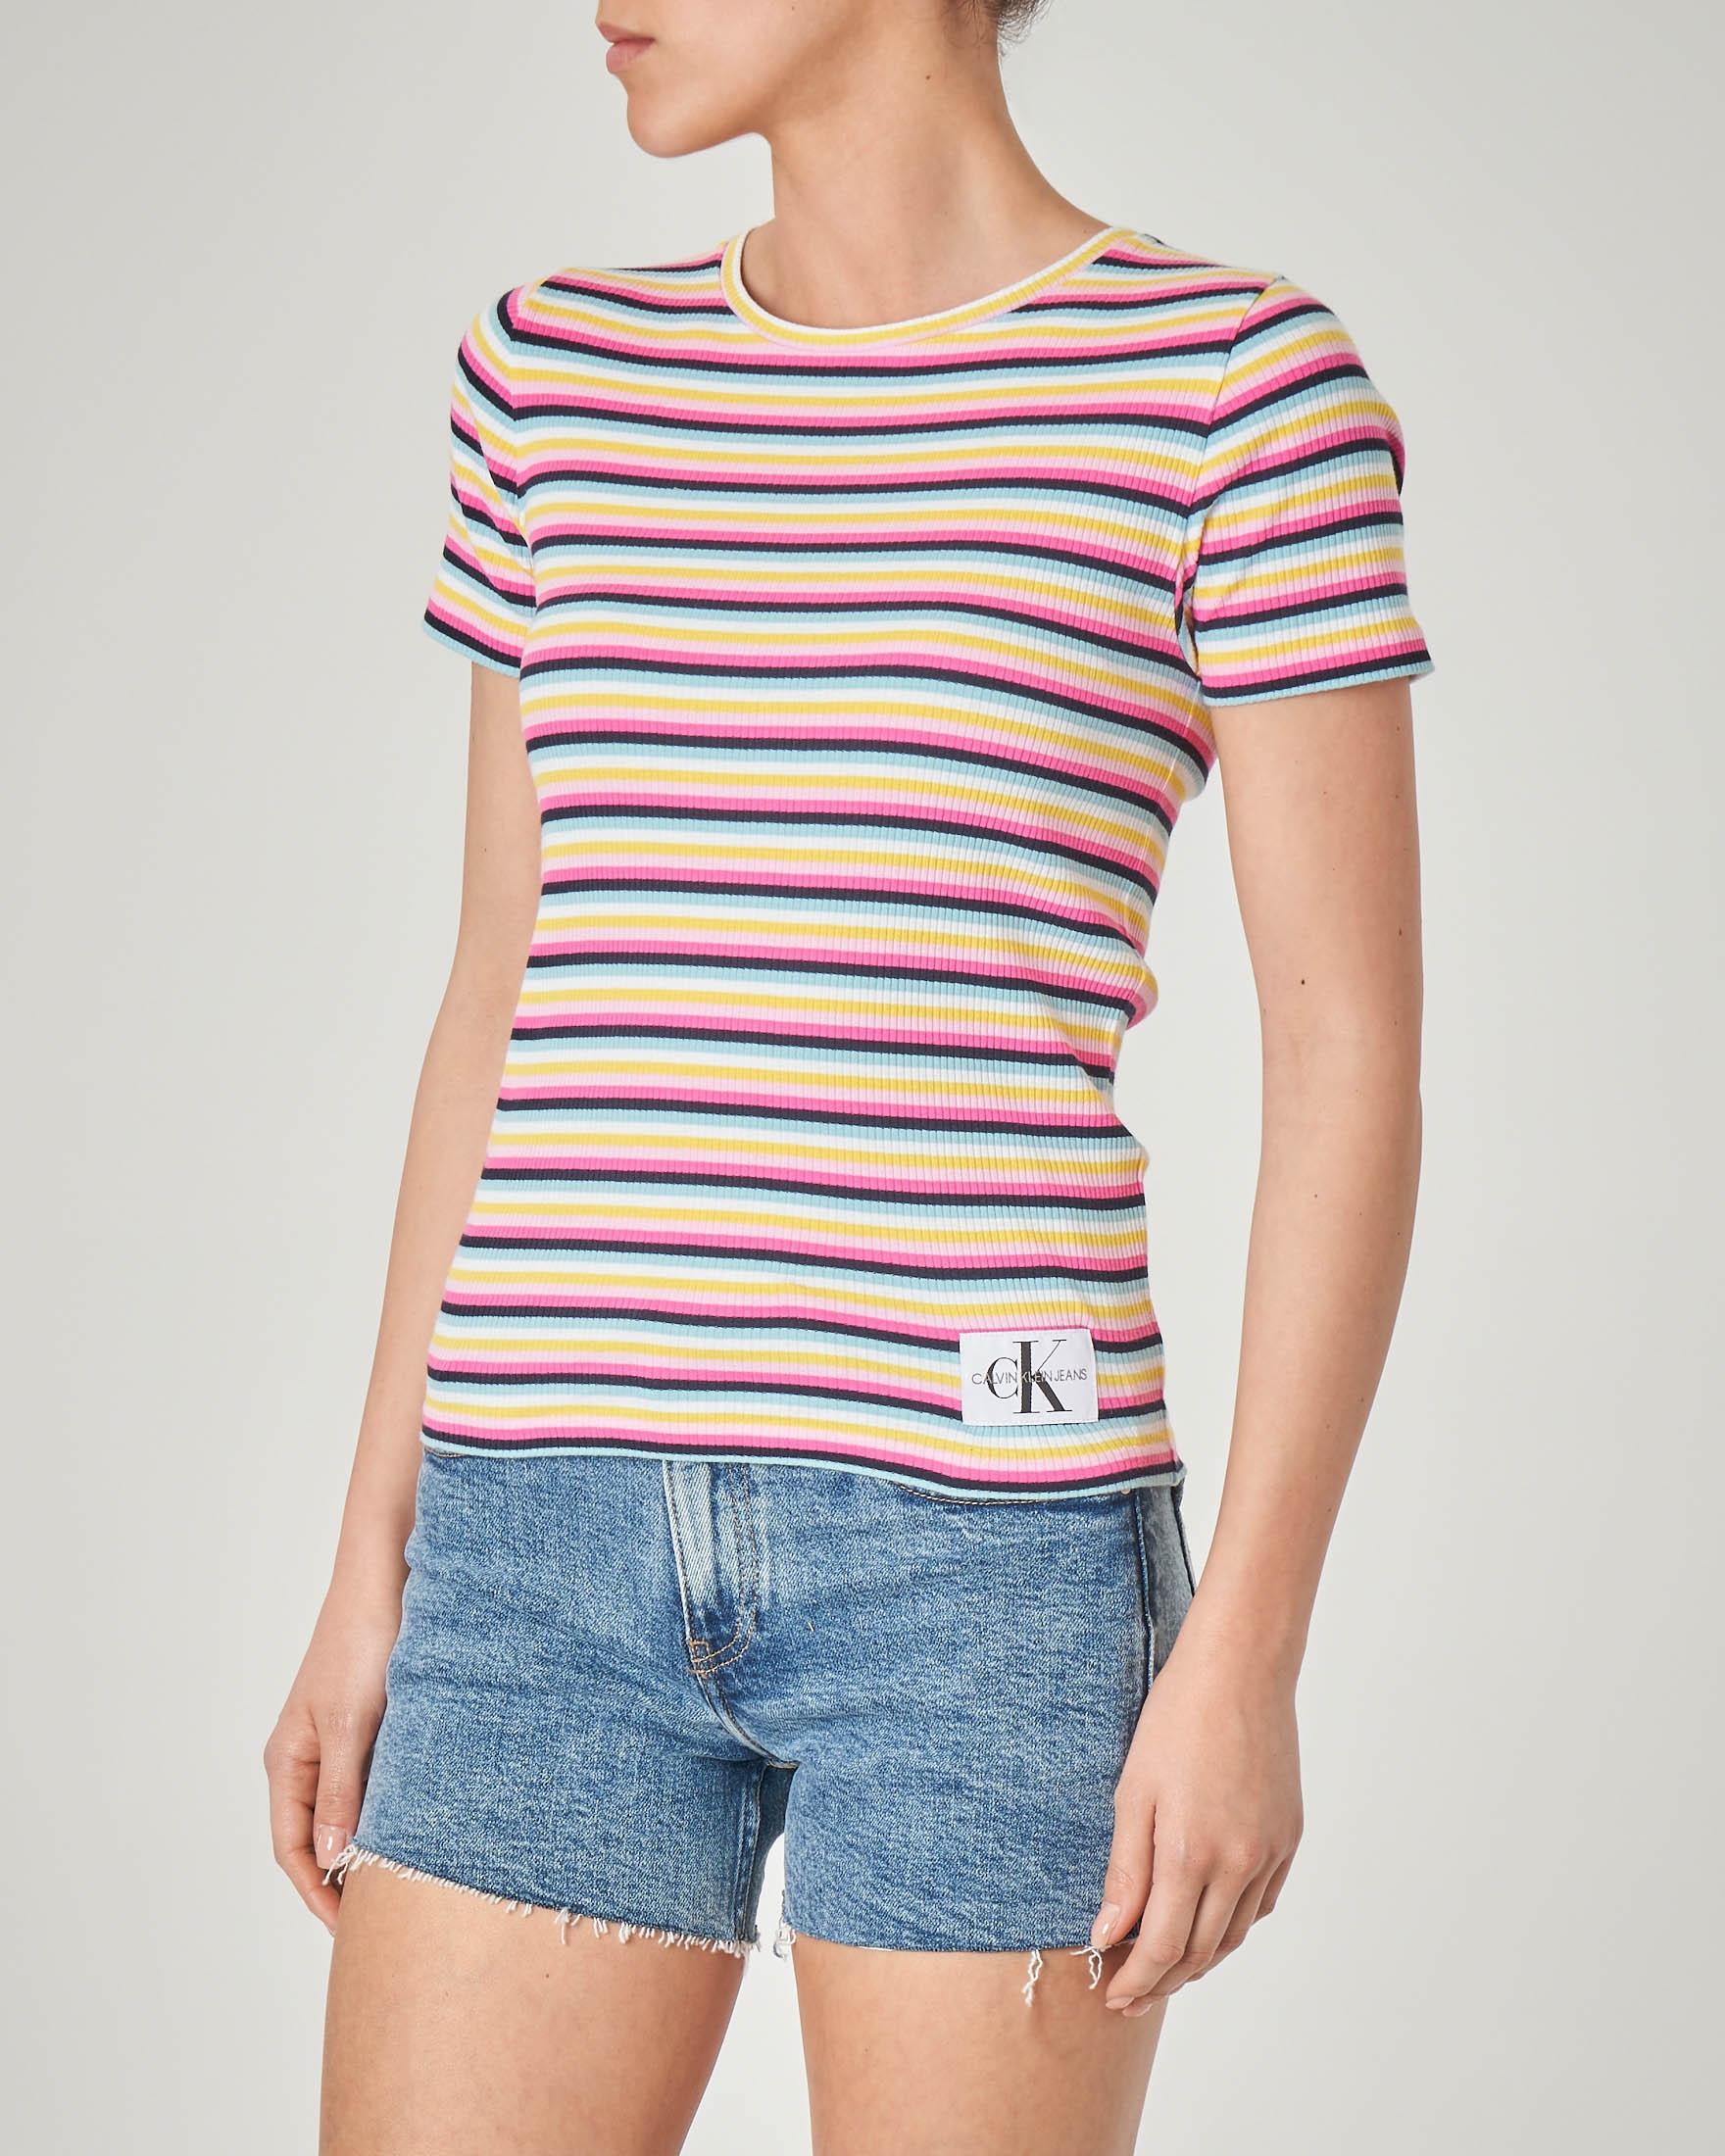 T-shirt girocollo a costine fantasia a righe multicolor in cotone elasticizzato